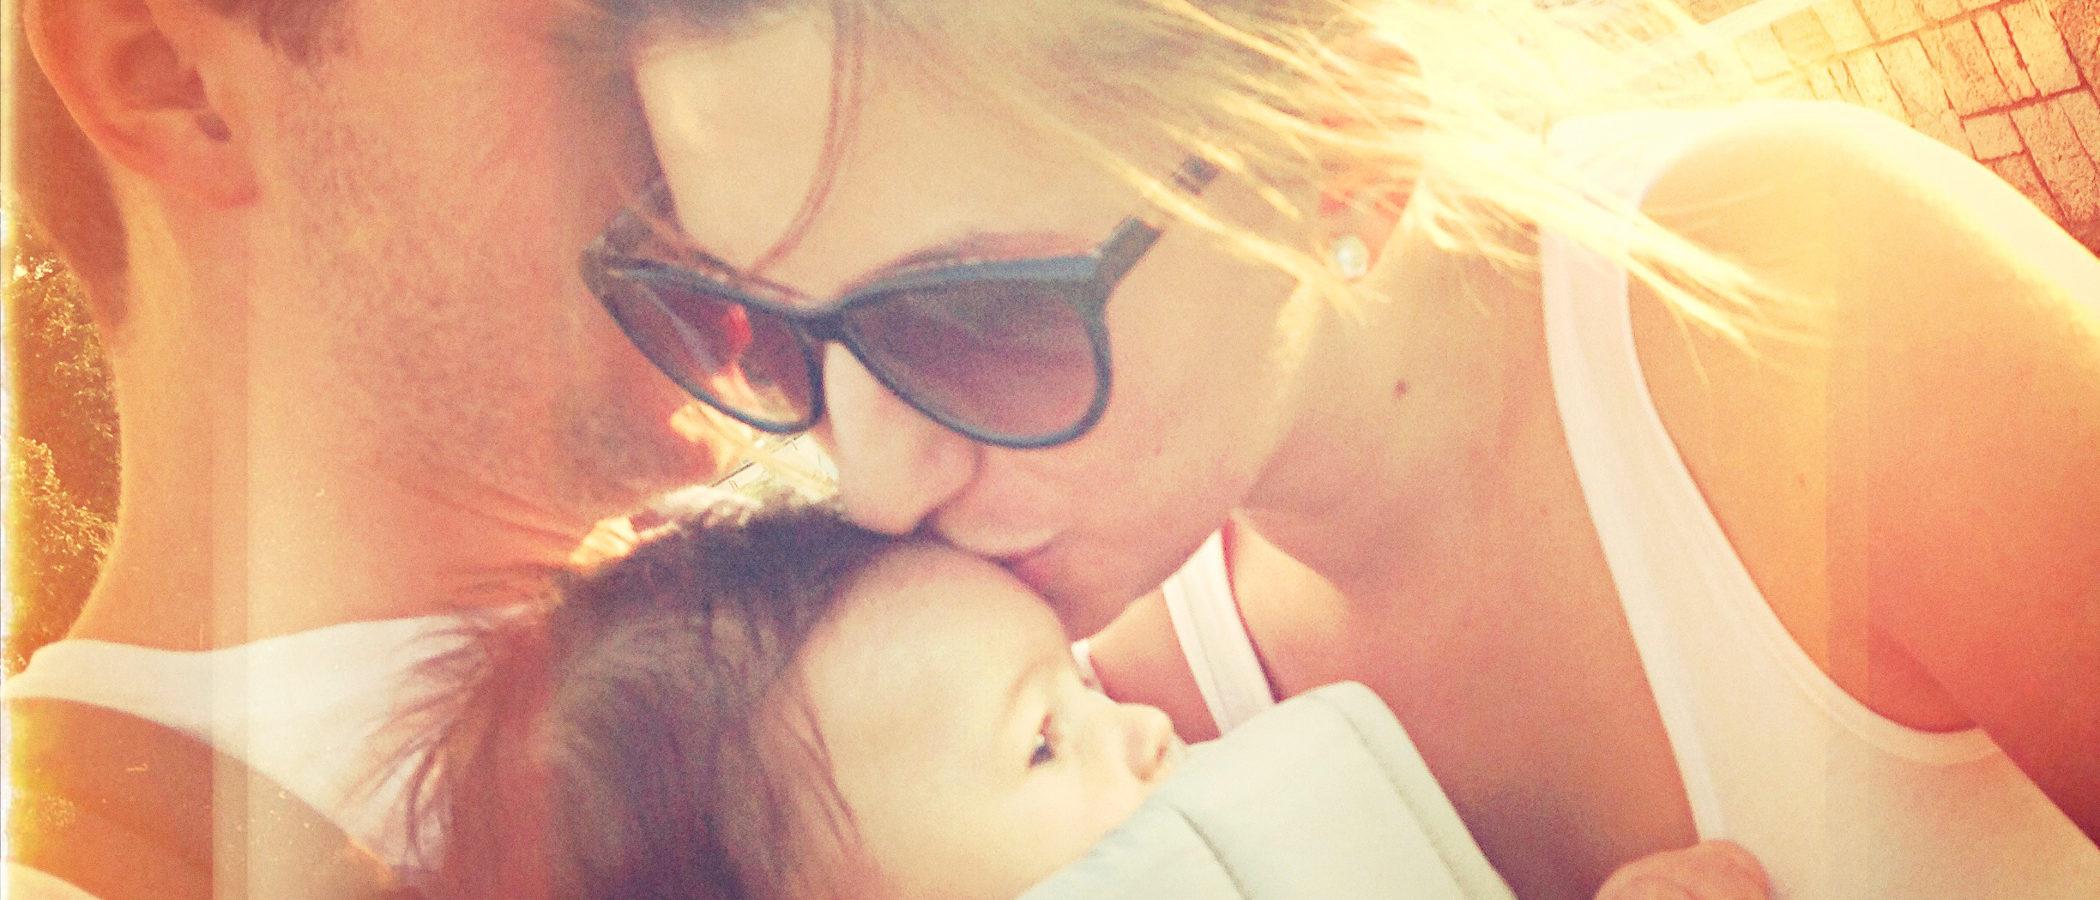 Triunfan los nombres de bebé basados en filtros de Instagram